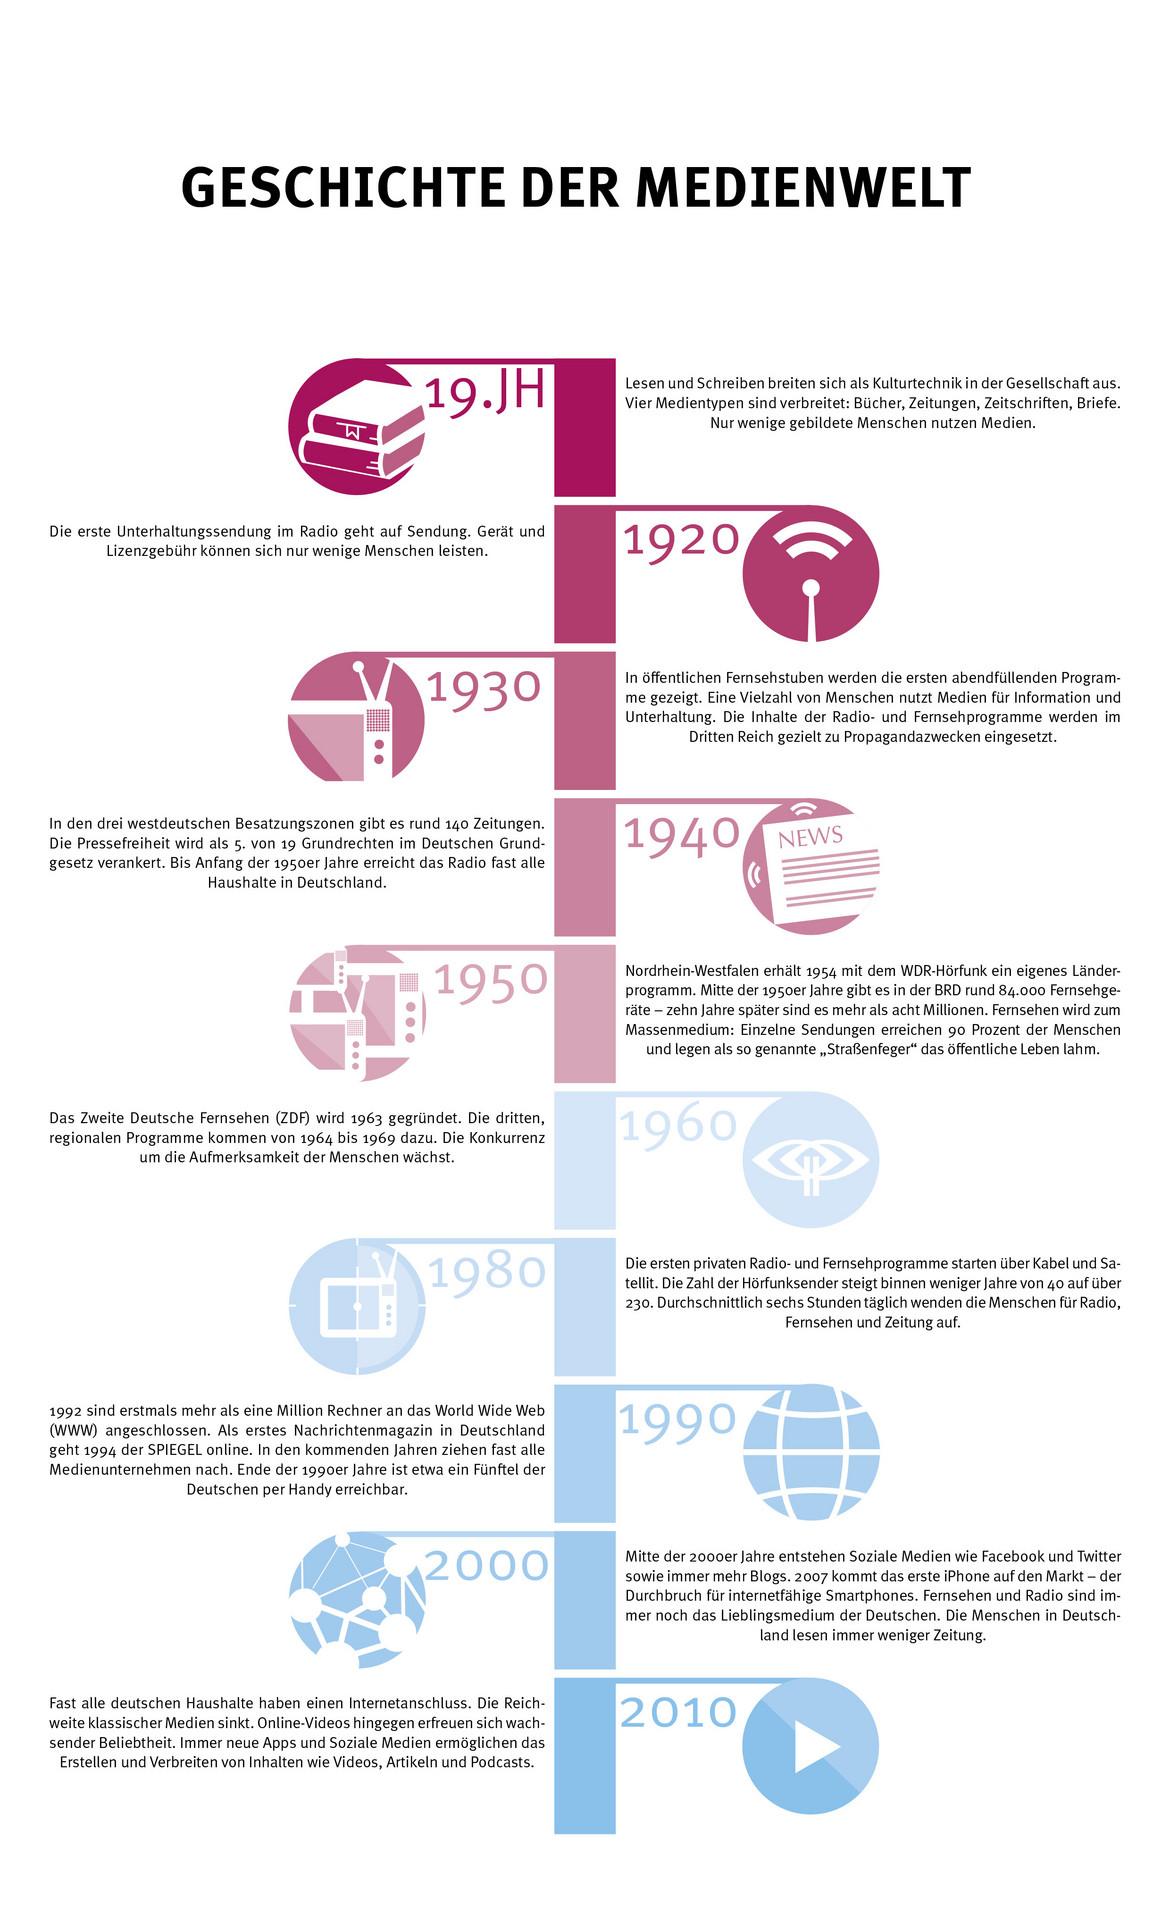 Ein Zeitstrahl vom 19. Jahrhundert bis heute, der Ereignisse rund ums Thema Medien darstellt